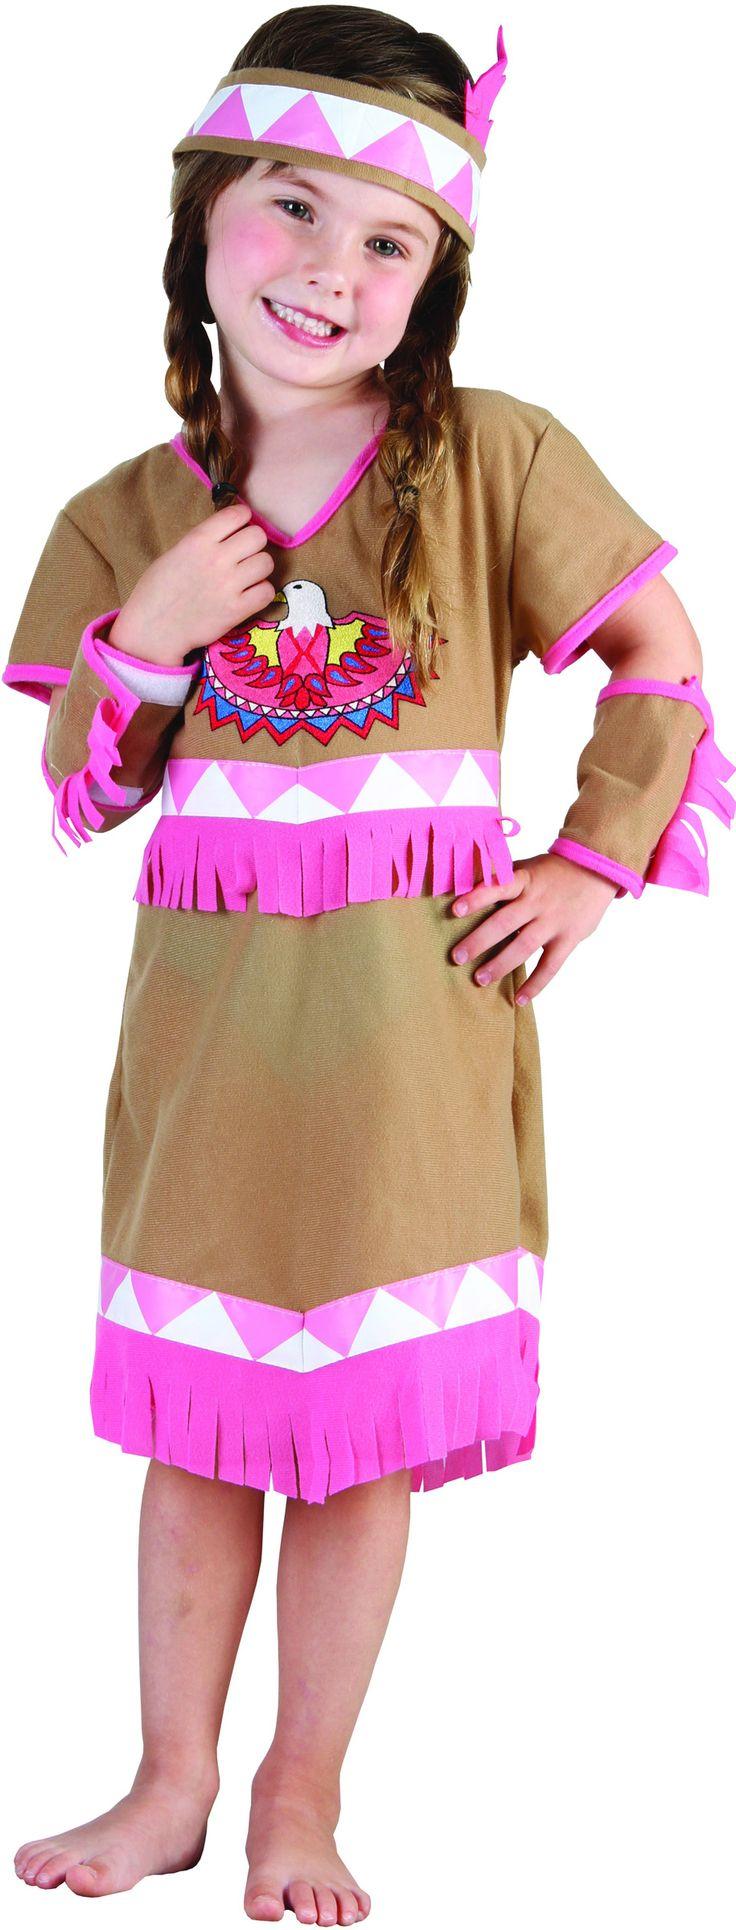 Disfraz de india rosa niña Disponible en: http://www.vegaoo.es/p-222063-disfraz-de-india-rosa-nina.html?type=product